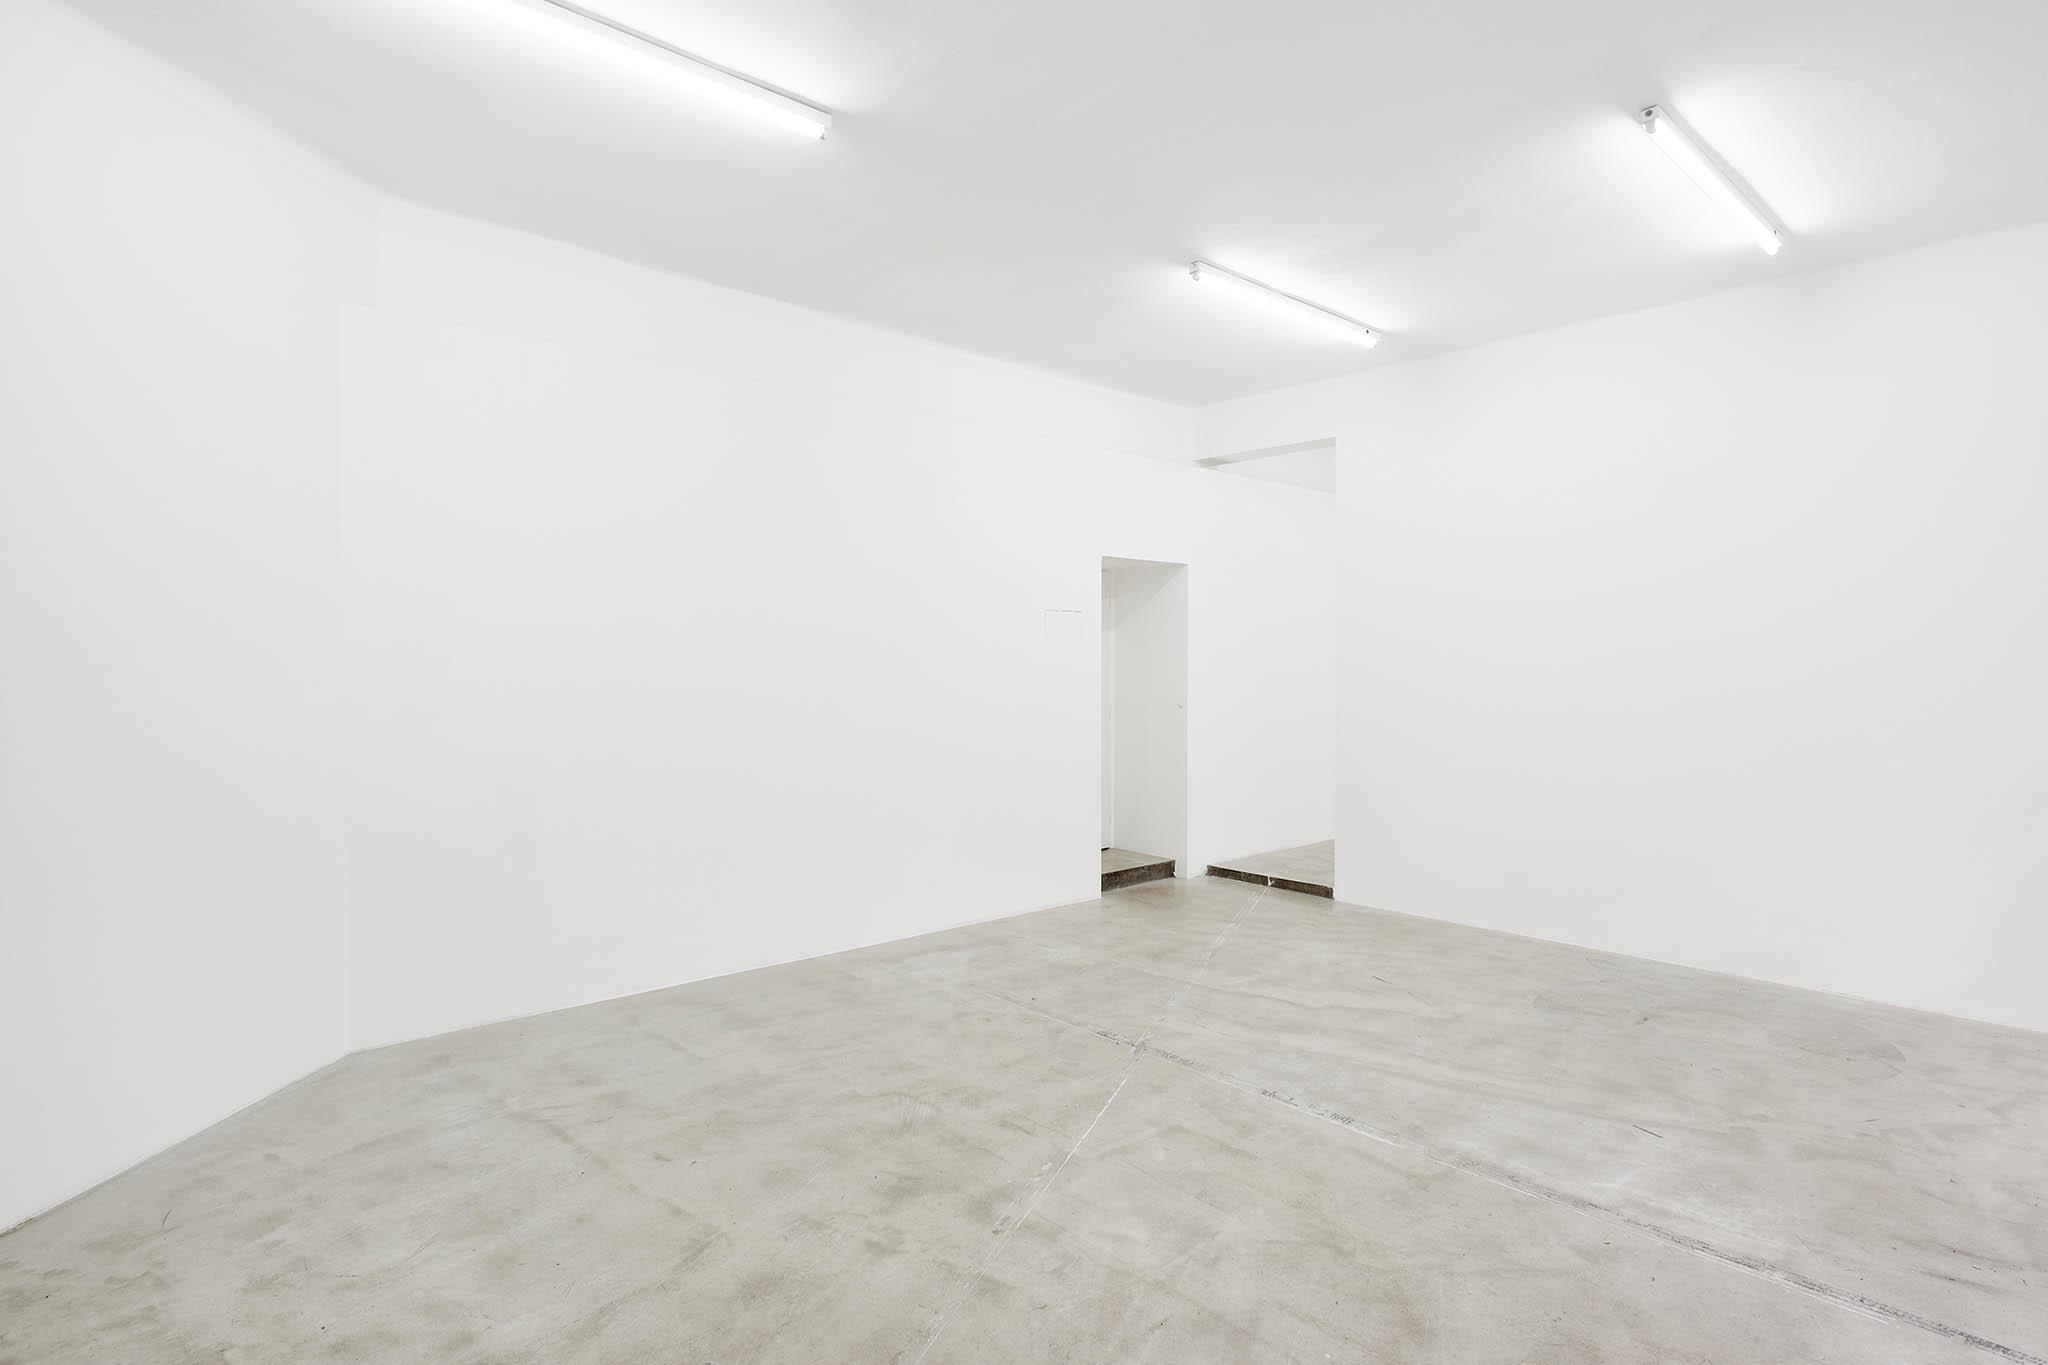 Prázdný galerijní prostor